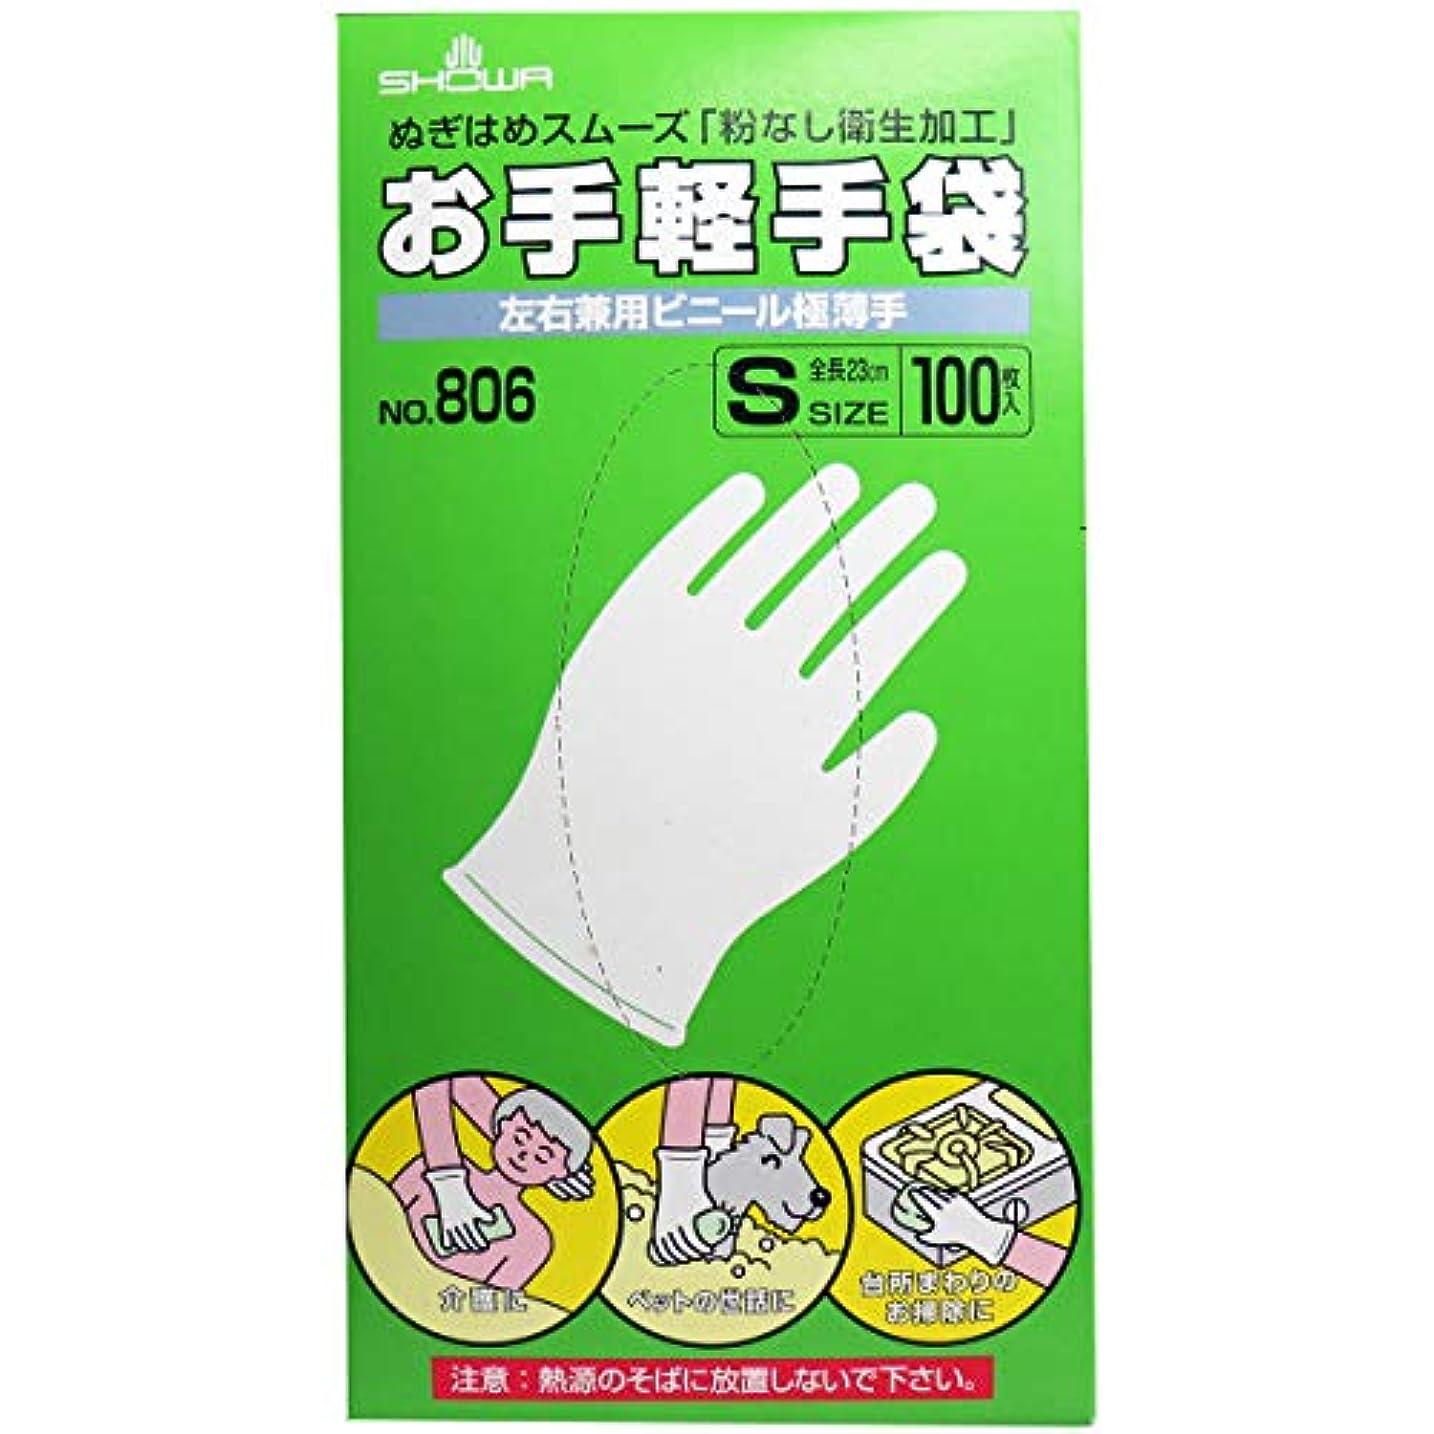 ルアー支配する土お手軽手袋 No.806 左右兼用ビニール極薄手 粉なし Sサイズ 100枚入×10個セット